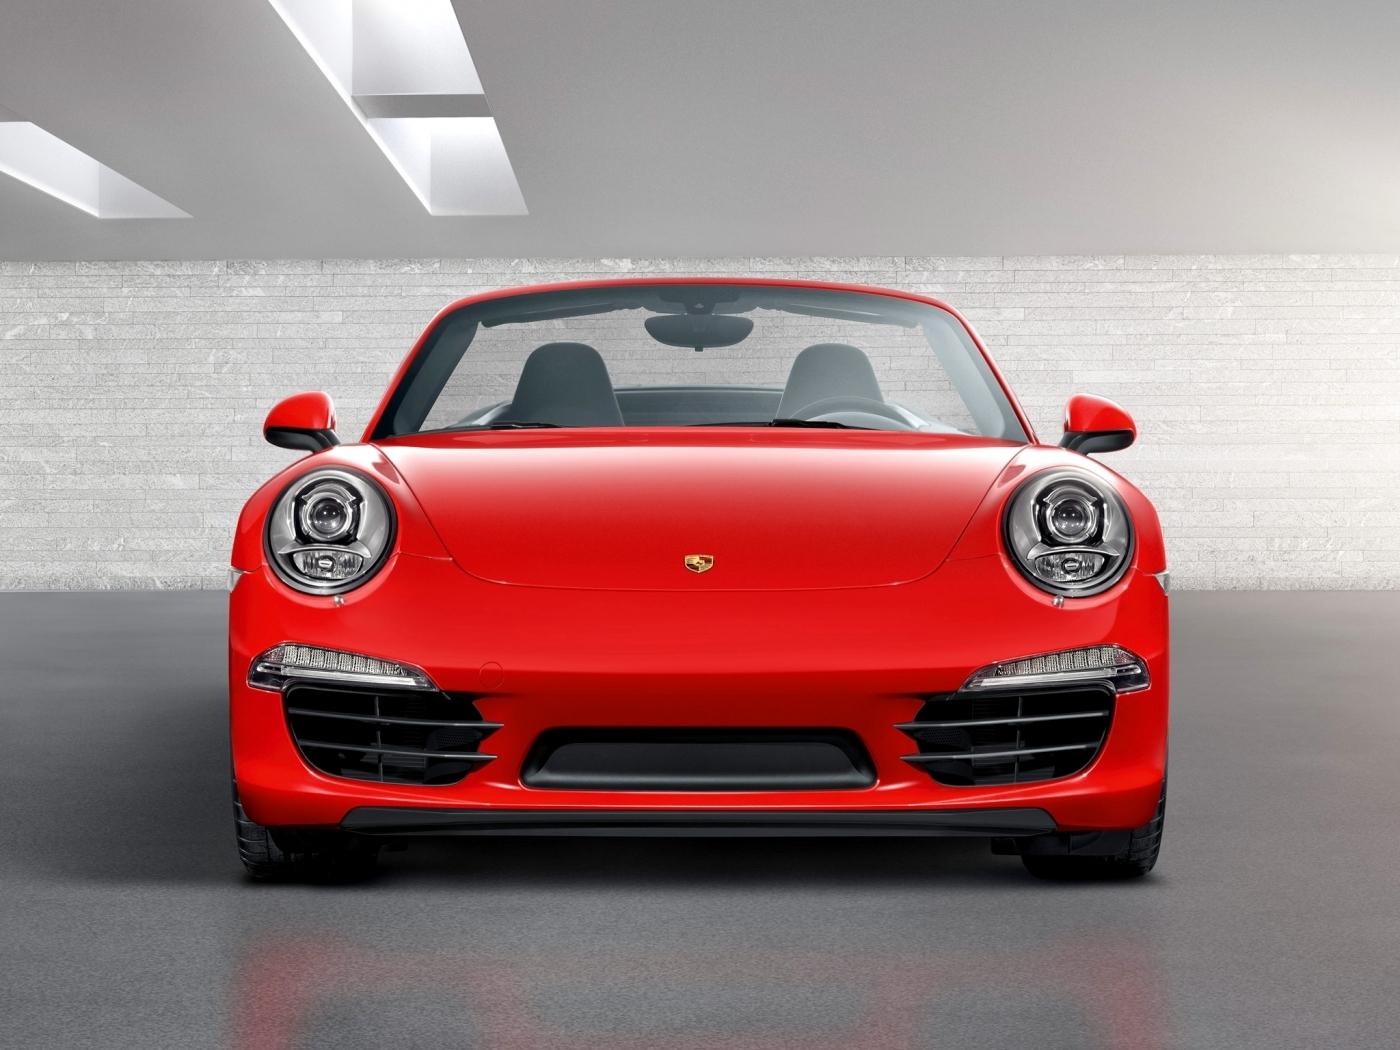 46957 скачать обои Транспорт, Машины, Порш (Porsche) - заставки и картинки бесплатно